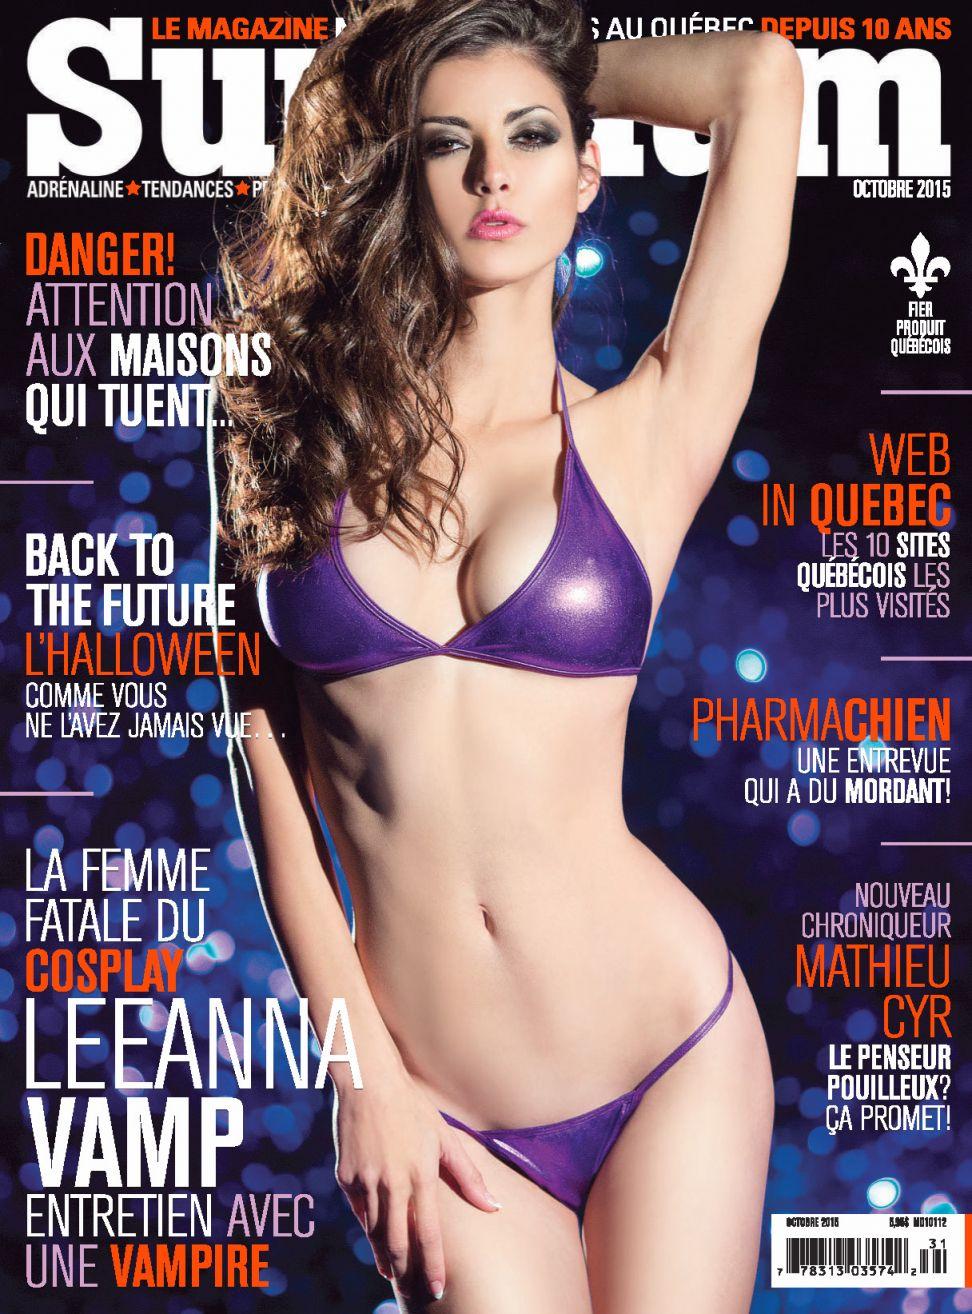 Leeanna Vamp sexy photoshoot (1)